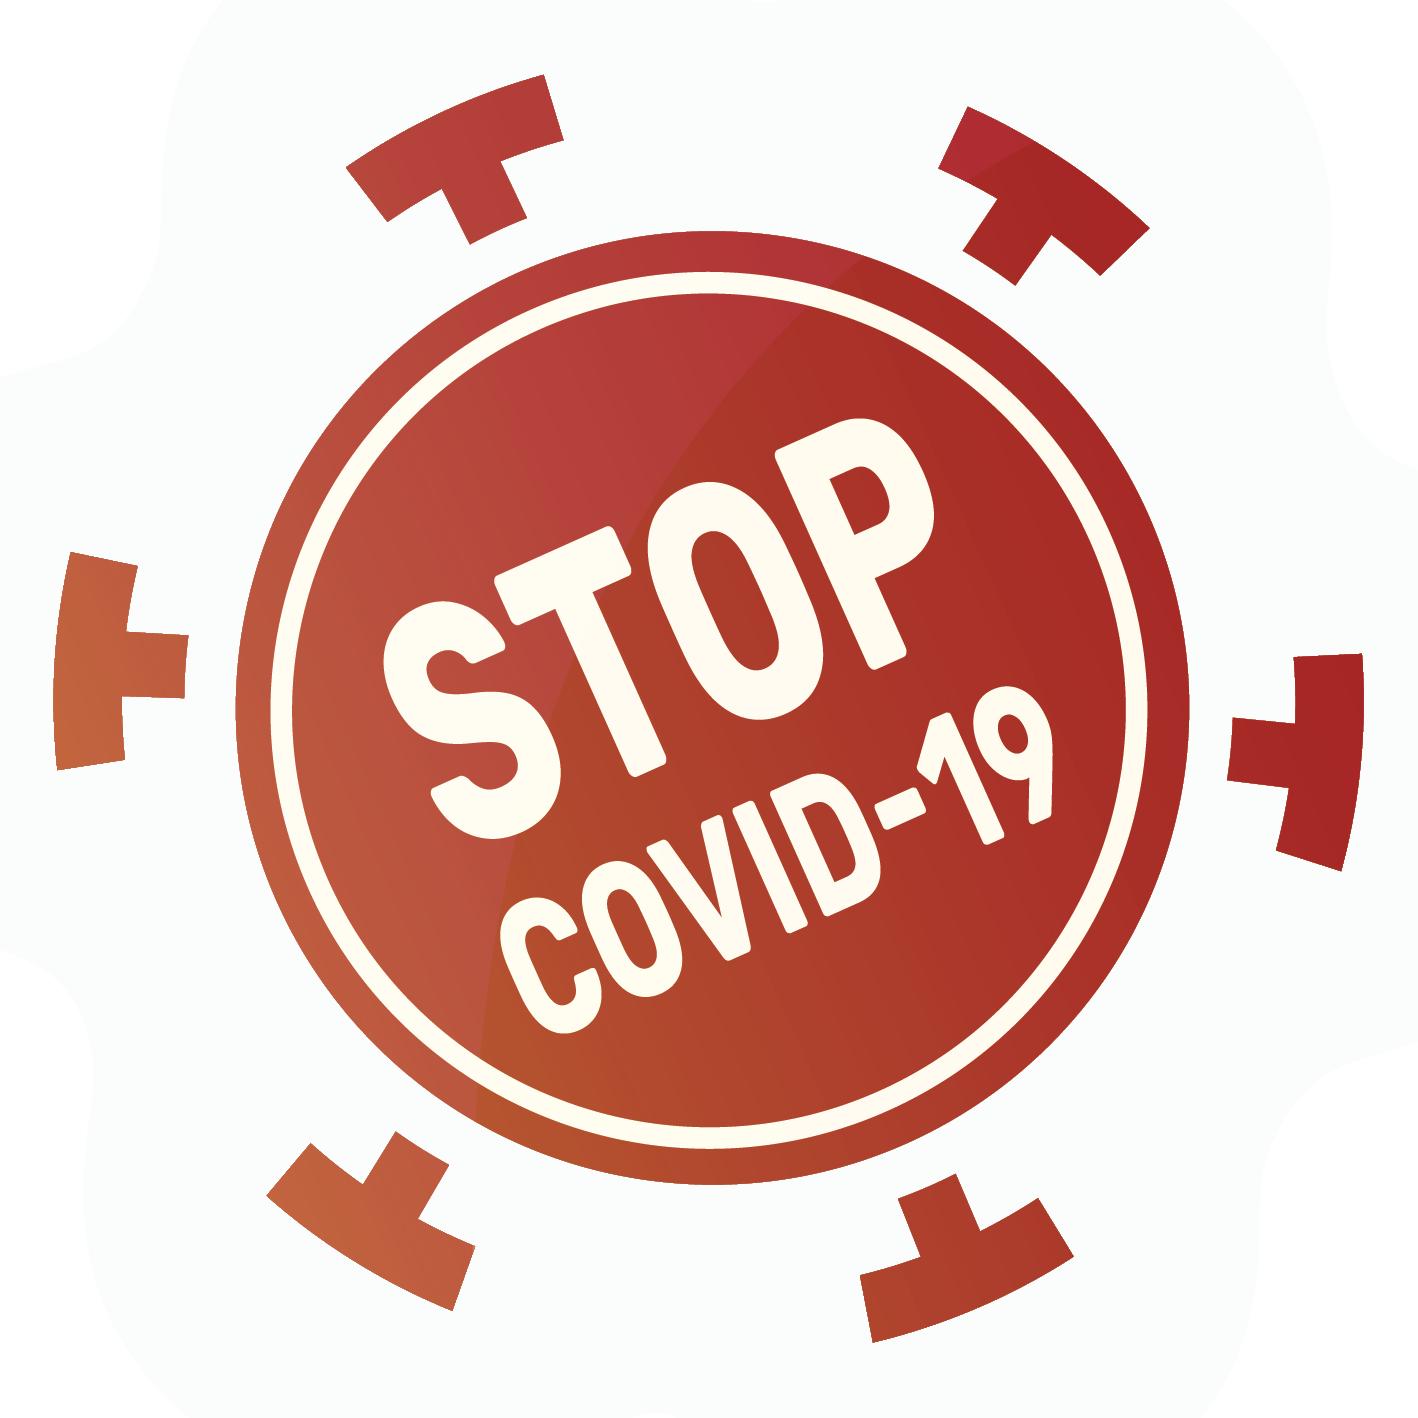 Covid 19 logo-01-01